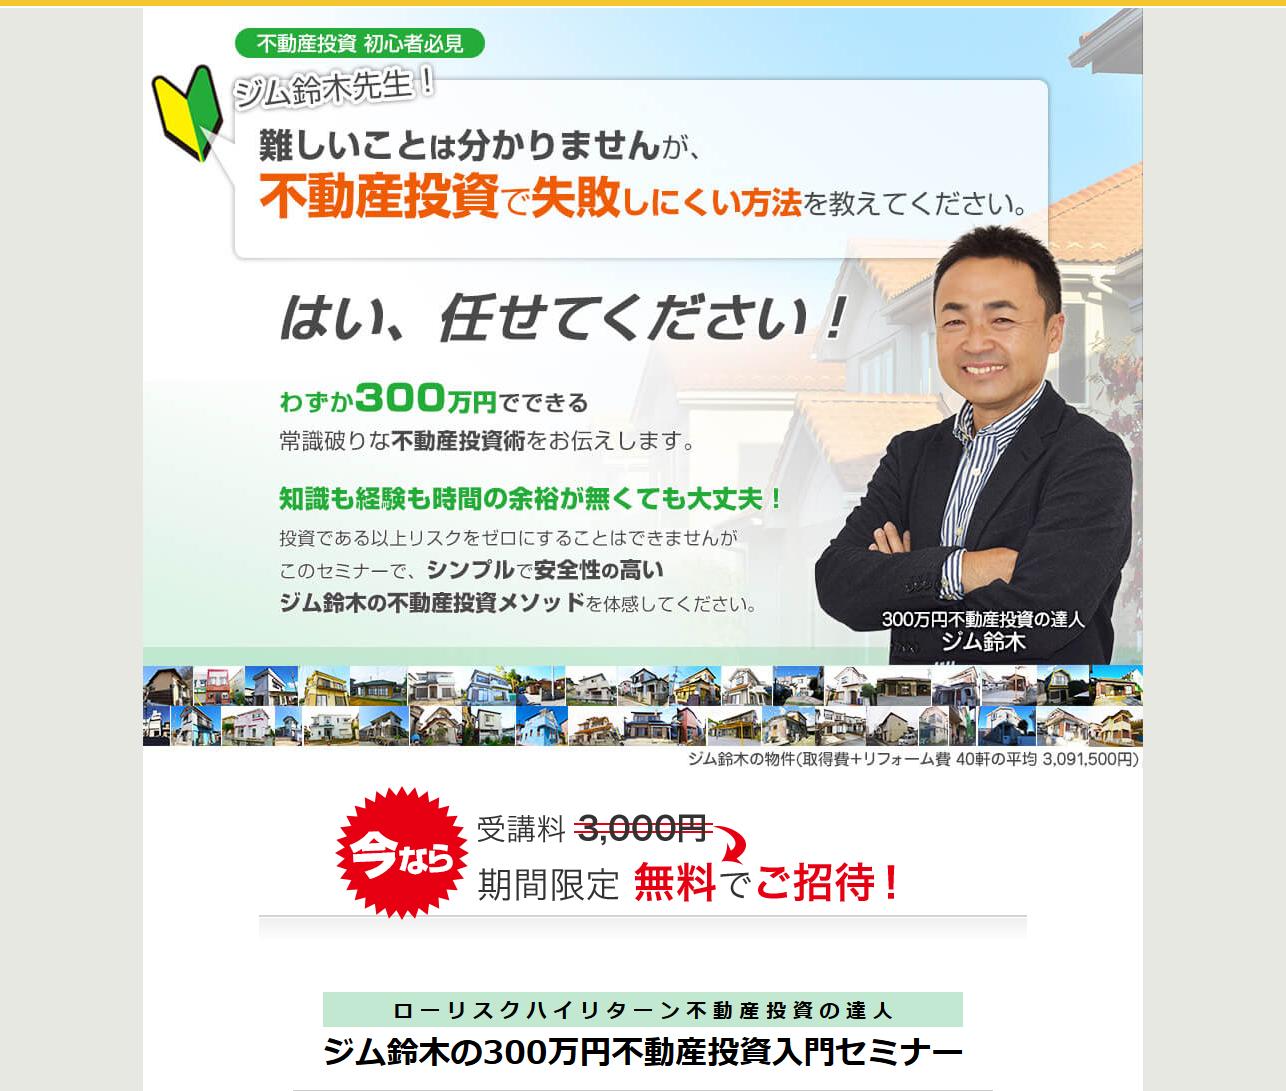 300万円不動産投資スクール入門セミナー